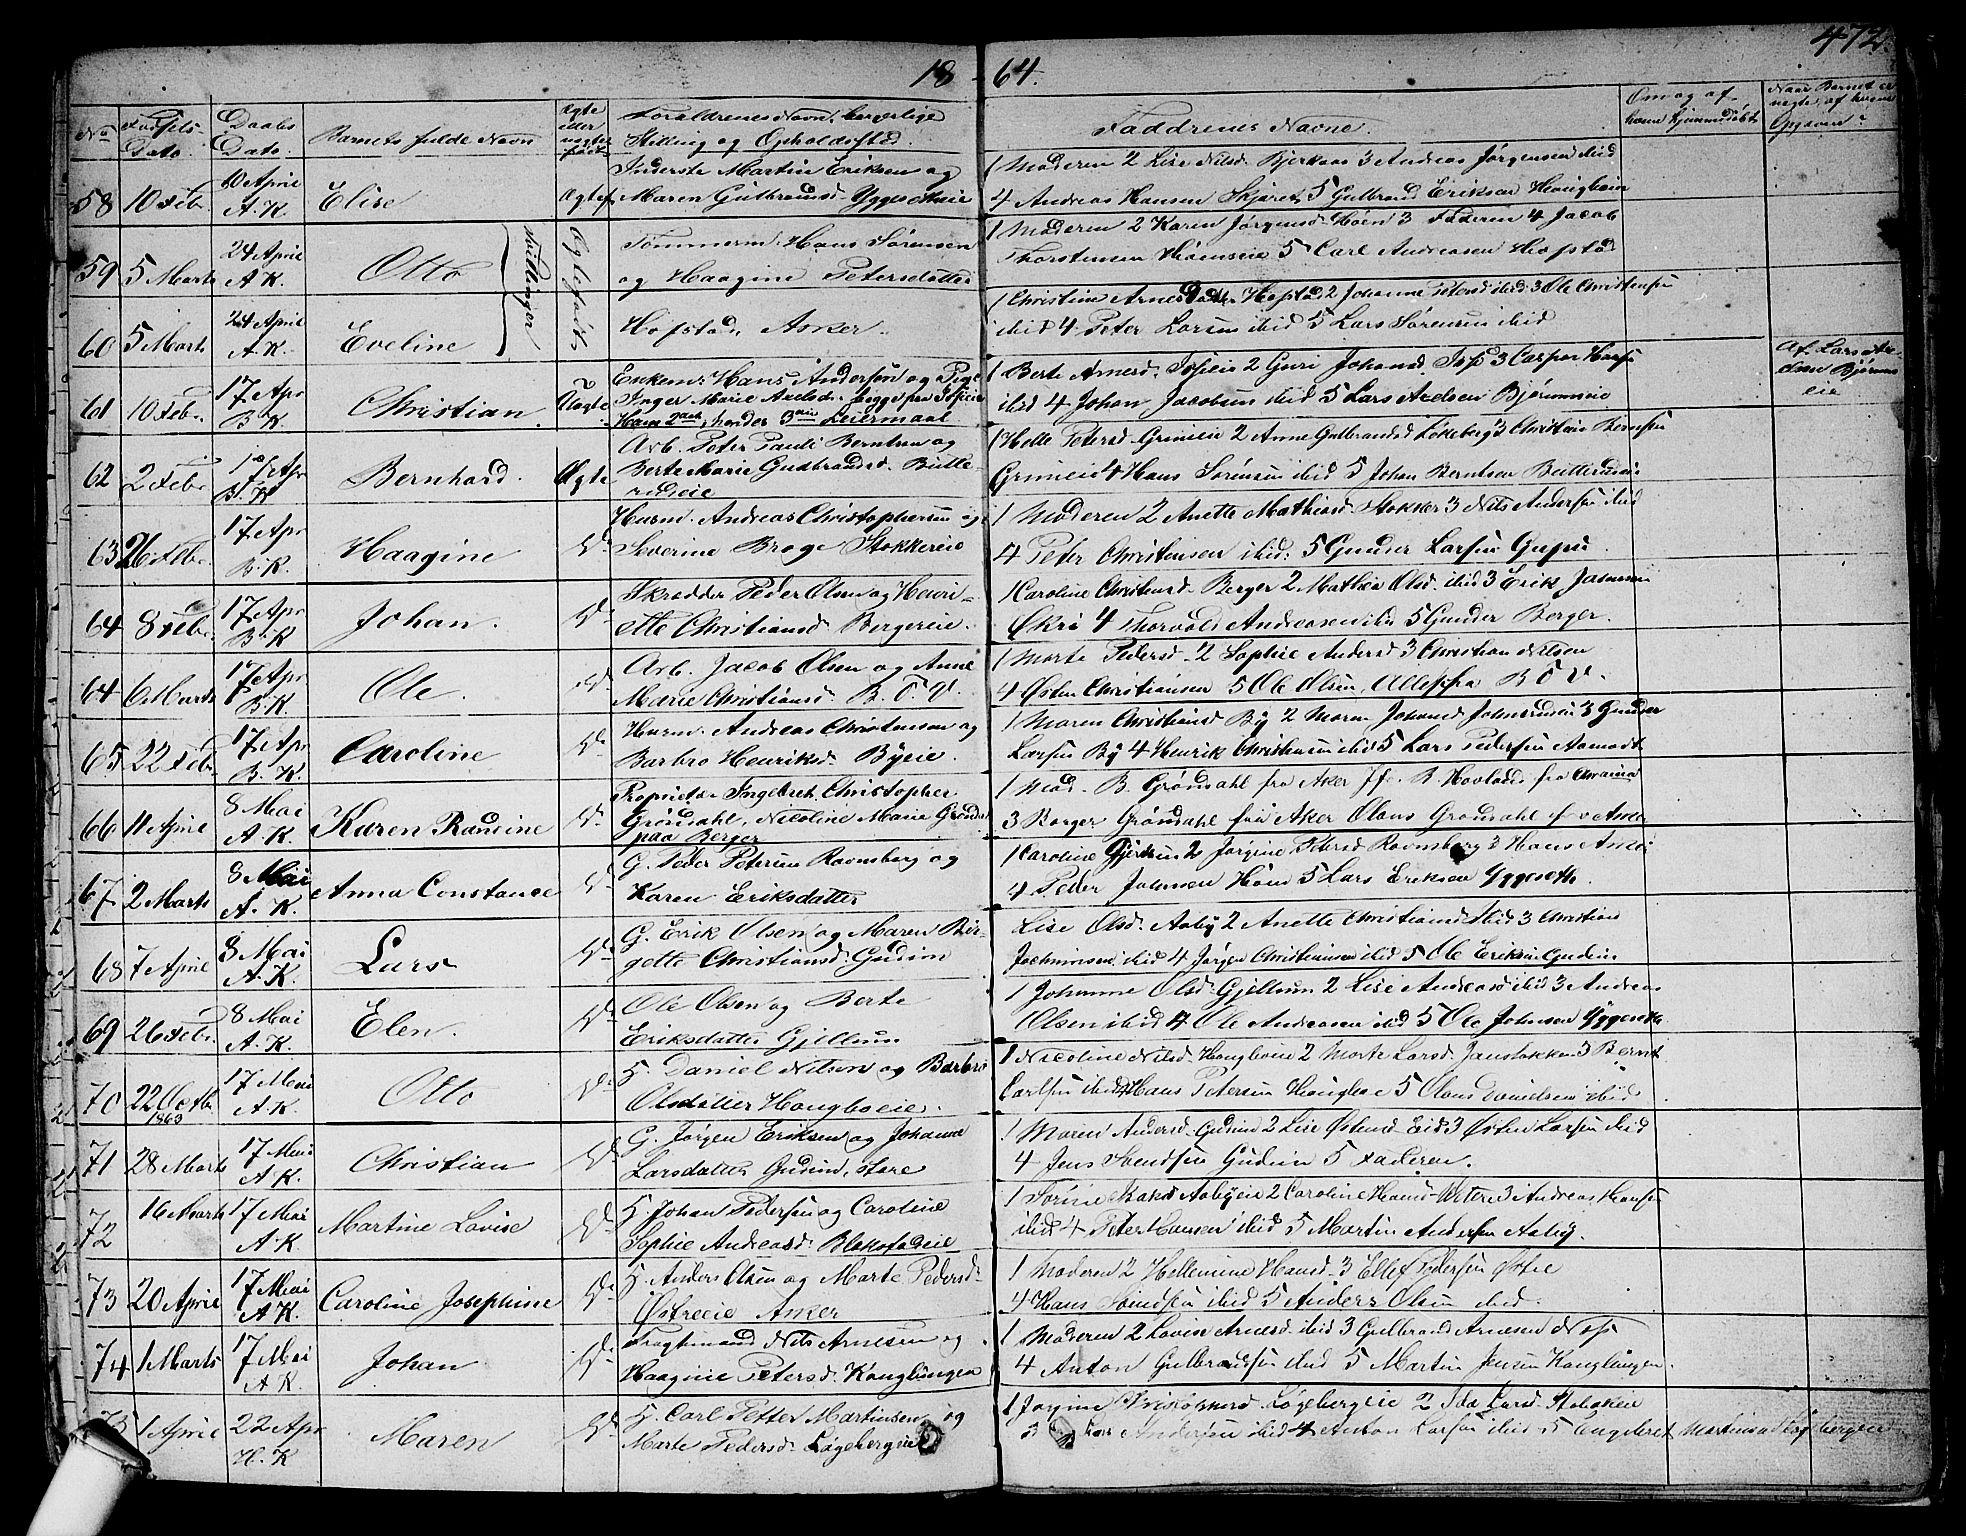 SAO, Asker prestekontor Kirkebøker, F/Fa/L0007: Ministerialbok nr. I 7, 1825-1864, s. 472